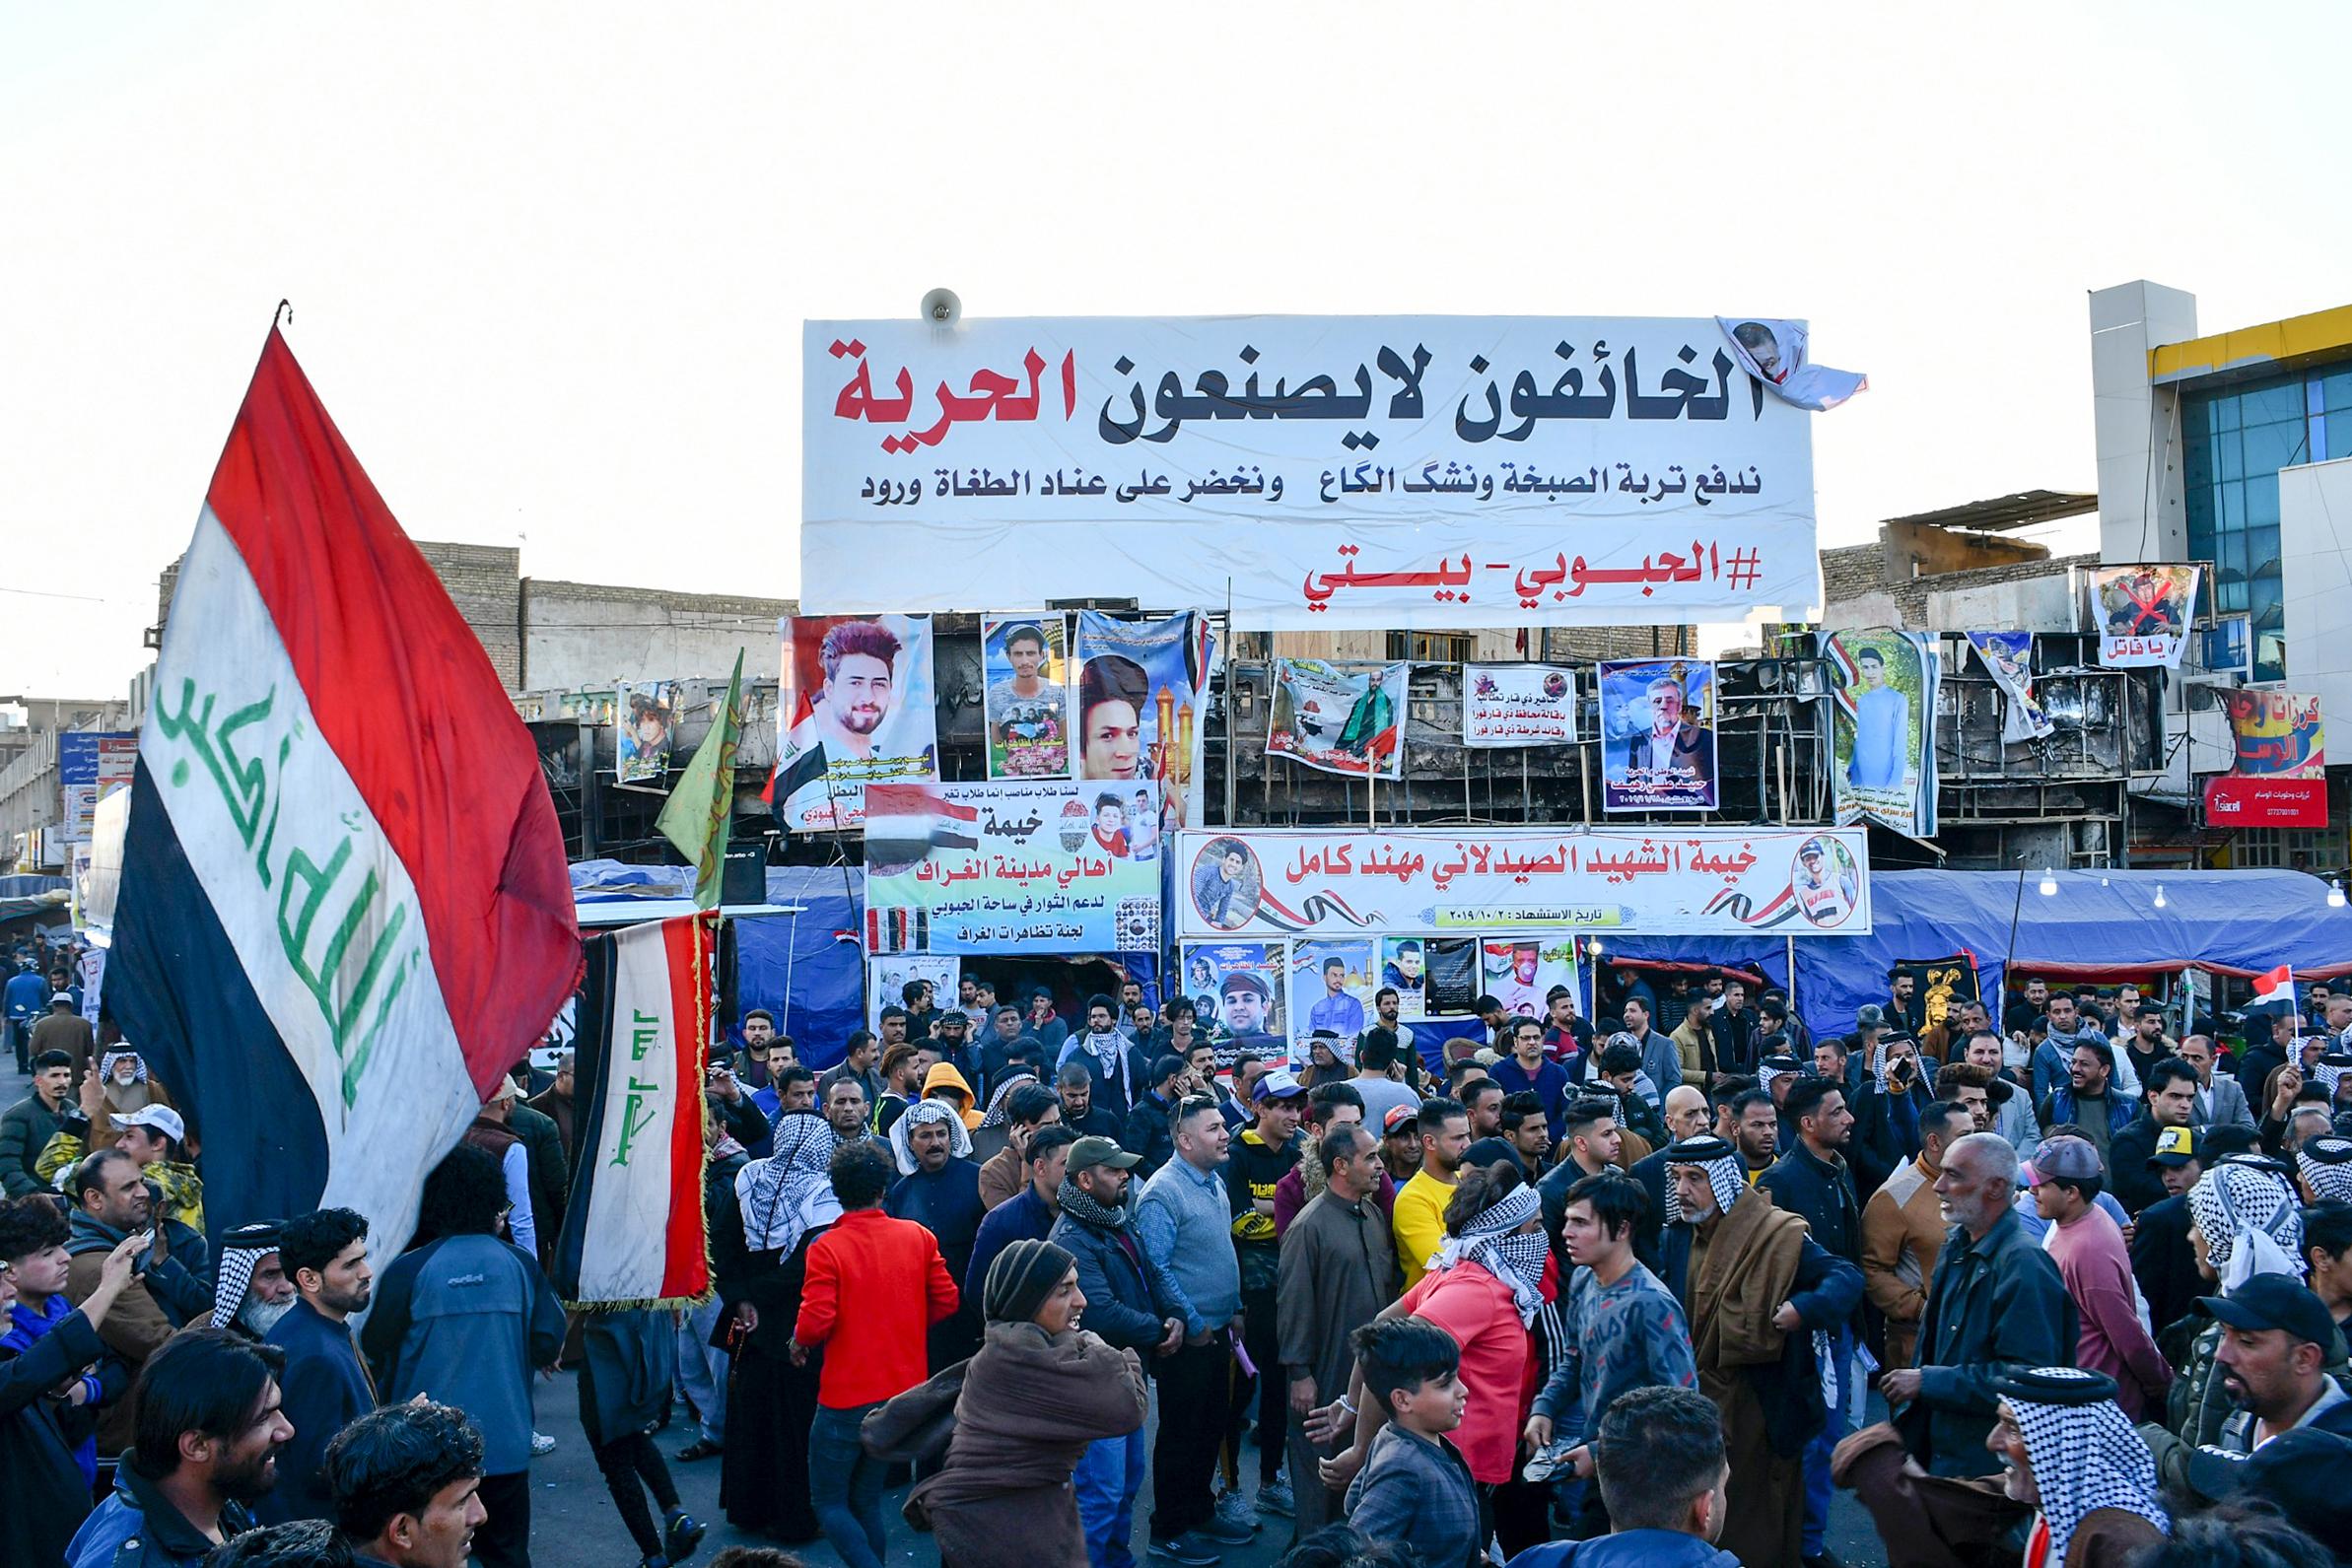 من التظاهرات التي شهدتها ساحة الحبوبي في الناصرية الأحد